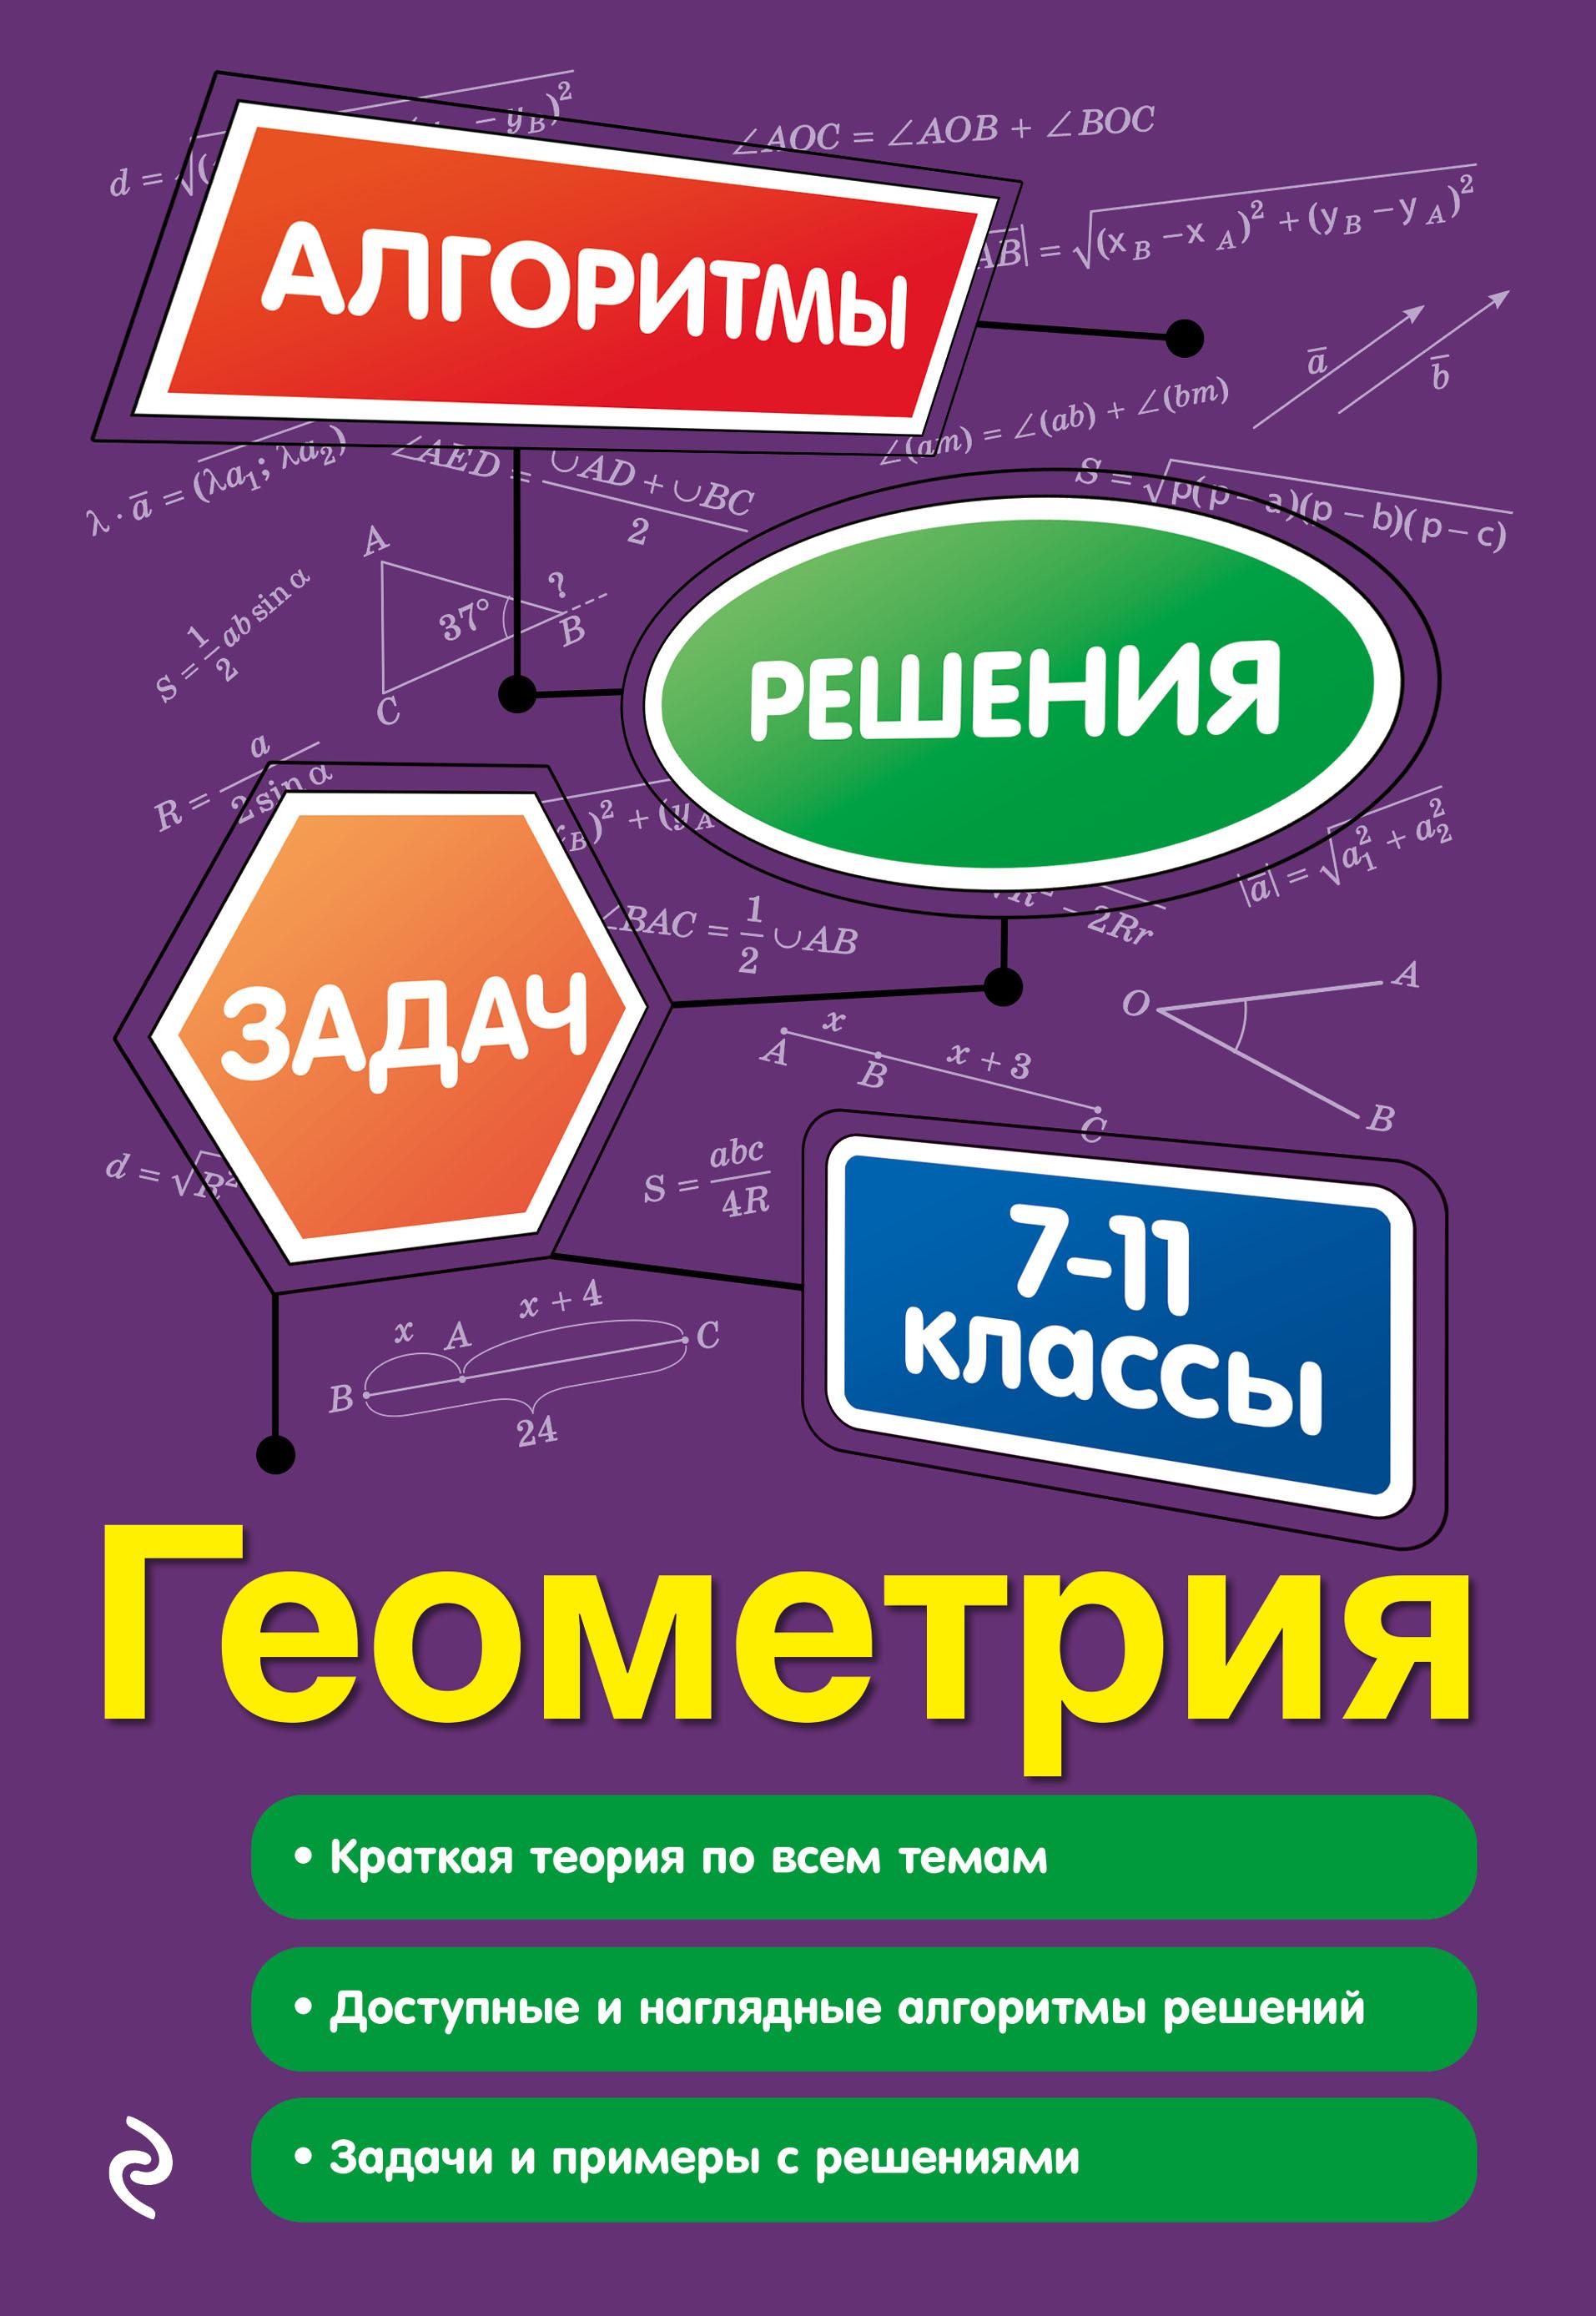 цена на Татьяна Виноградова Геометрия. 7-11 классы